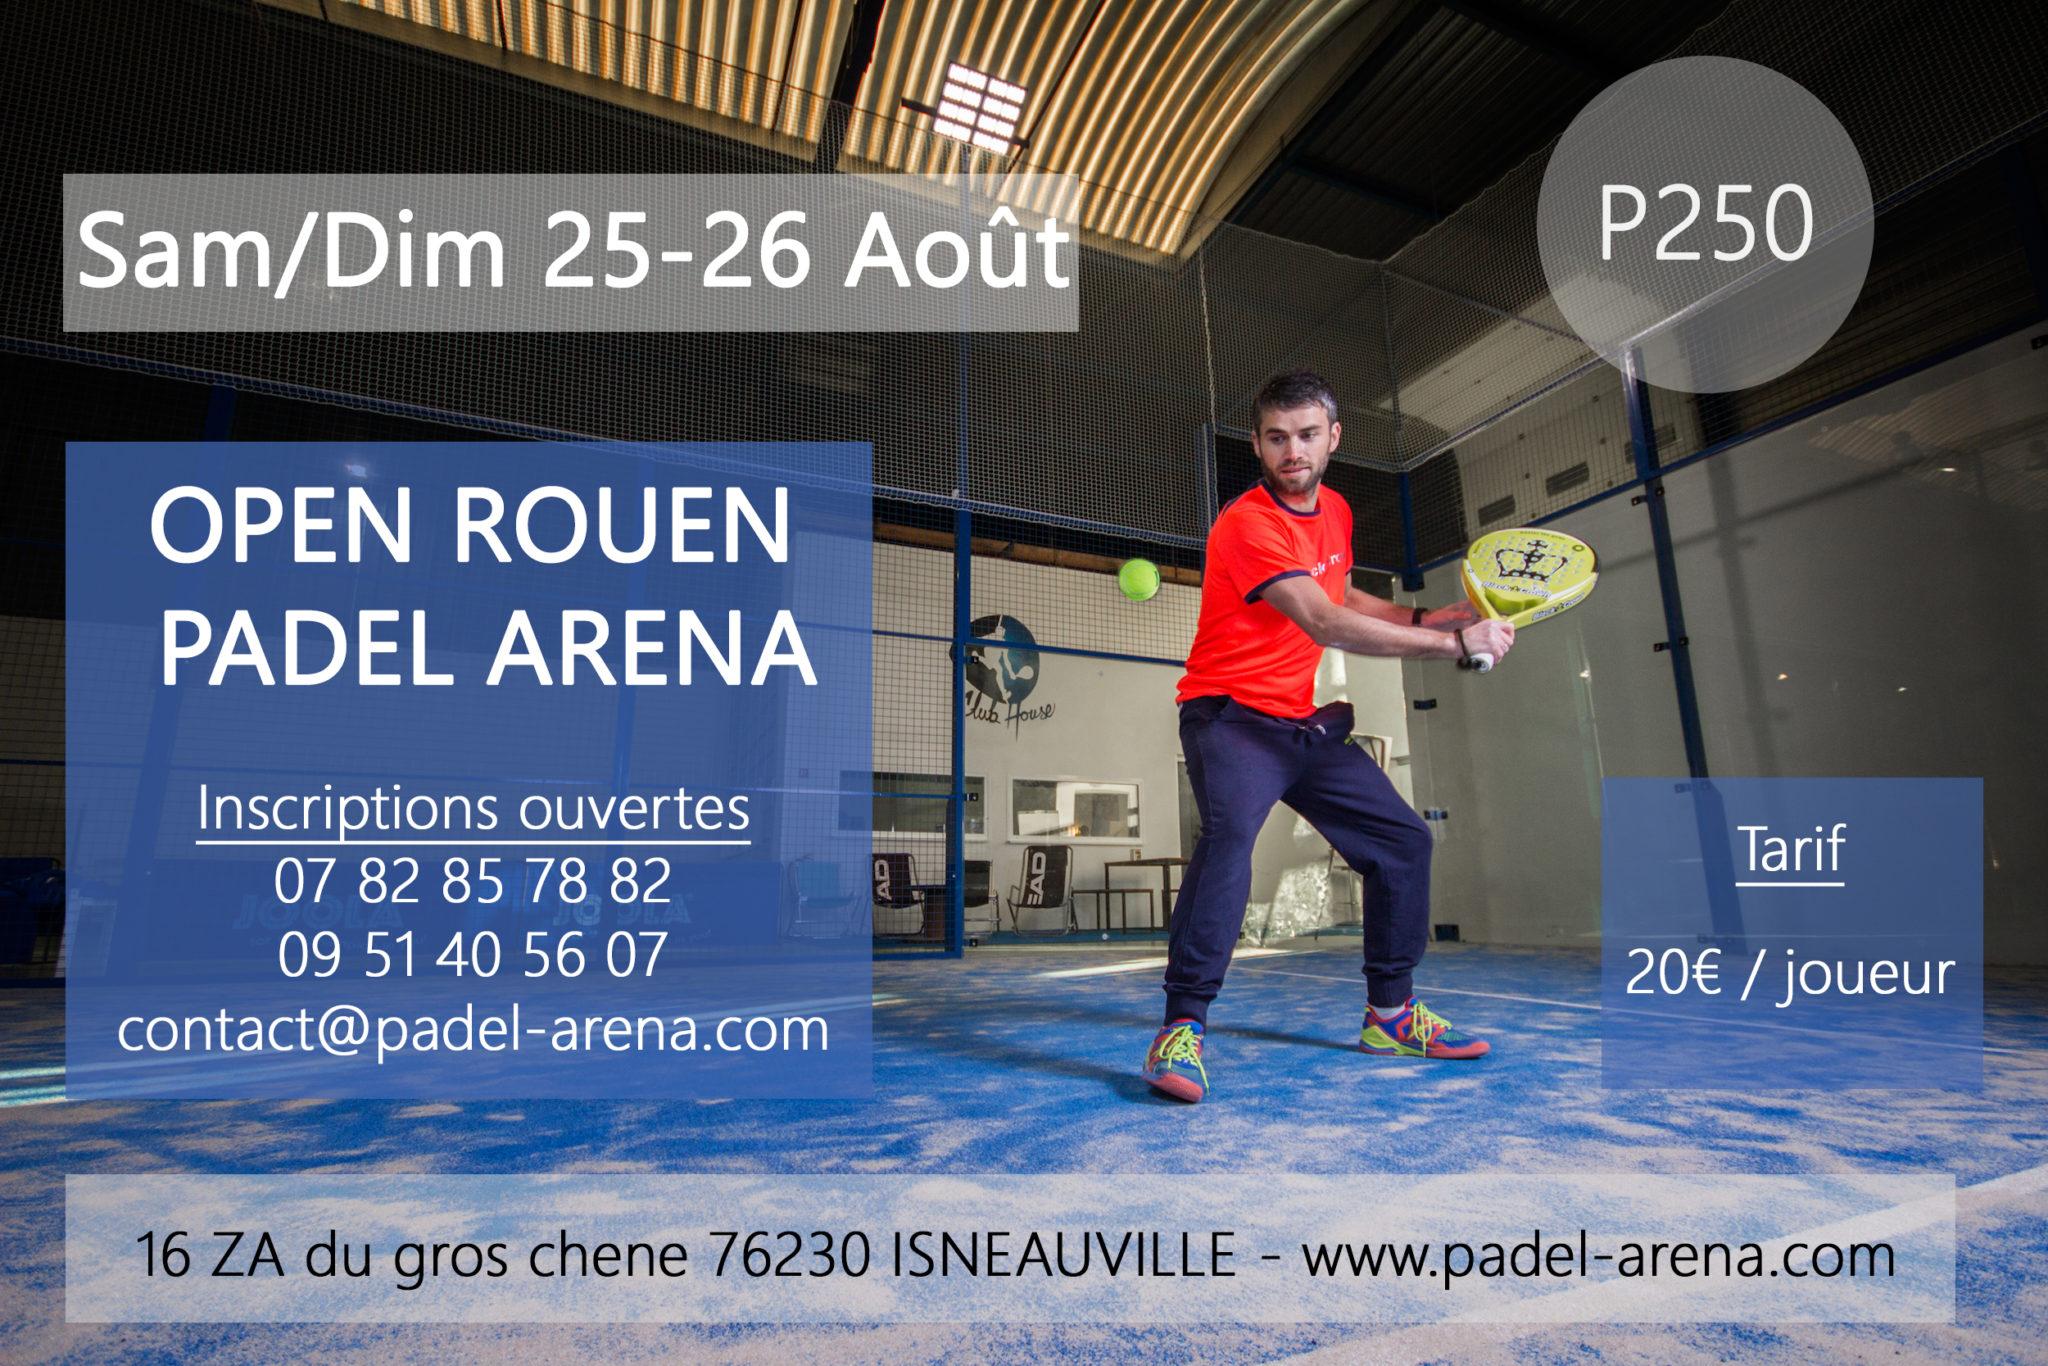 Prêt pour l'Open Padel Arena le 25 et 26 août ?